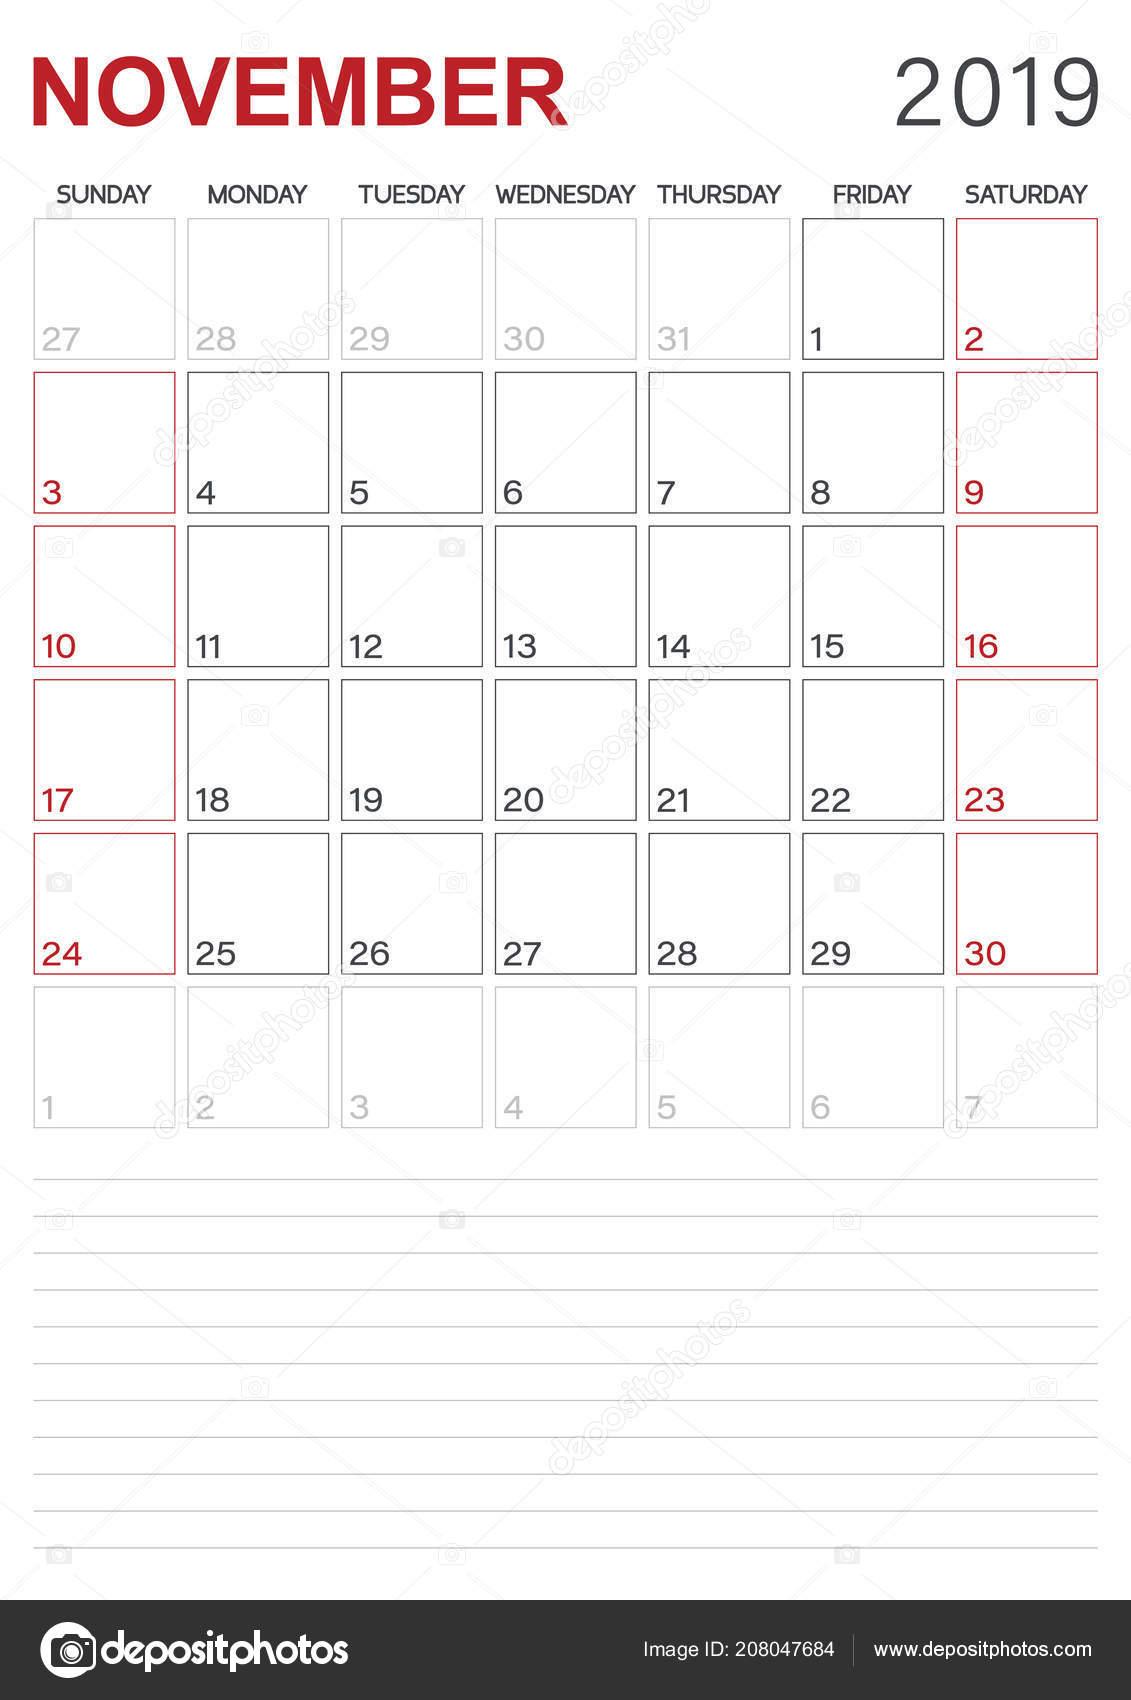 Calendrier Mois De Novembre 2019.Anglais Calendar Calendrier Planificateur 2019 Mois Novembre